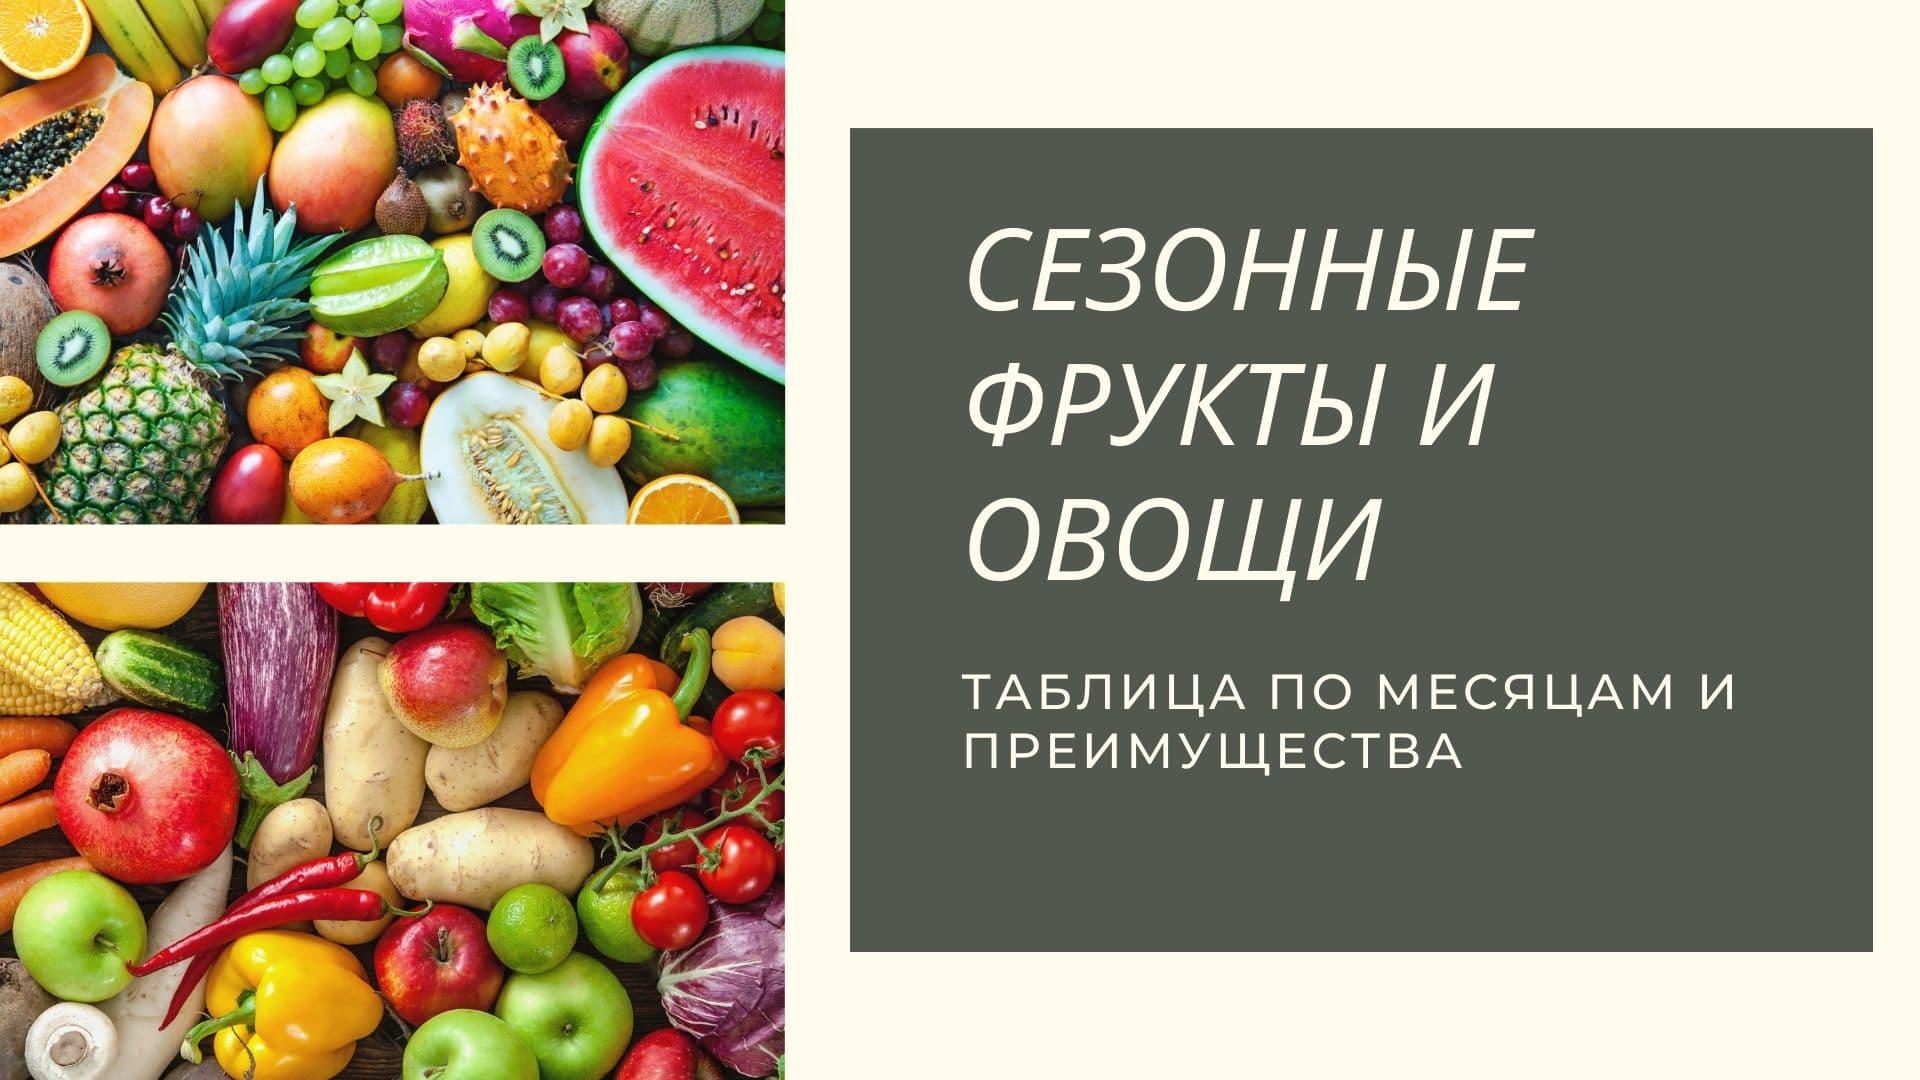 Какие фрукты и овощи являются сезонными